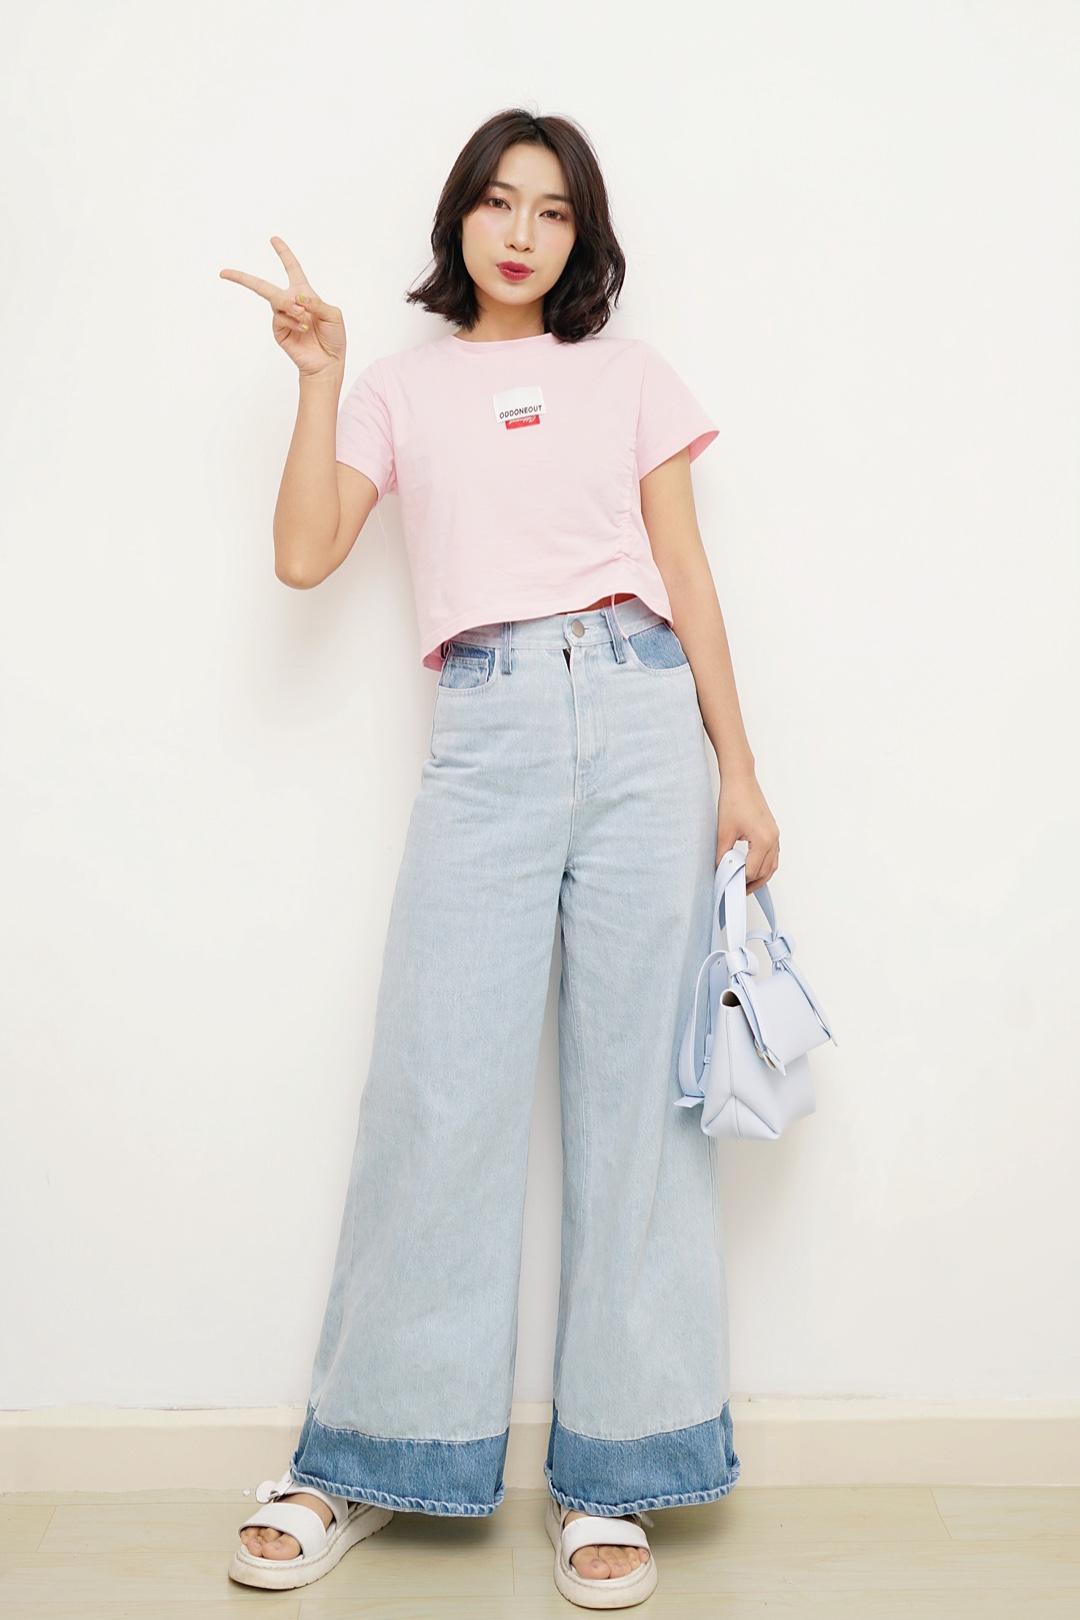 #韩系网红风,也太太太好看了!# 今天分享一款韩系穿搭~ 粉色上衣超级萌,短款非常适合搭配高腰裤,一边抽绳的设计,心机地露出一点小蛮腰,小性感~ 搭配的是我最爱的一条阔腿裤,浅色非常适合夏天,版型也非常好,简直是粗腿梨型妹子身材福音,遮肉神器呀,配上短t,轻松穿出女神比例! 最后配上新买的粉蓝色包包,简直不要太萌!非常像ins上的韩系网红哦,少女感满满的!